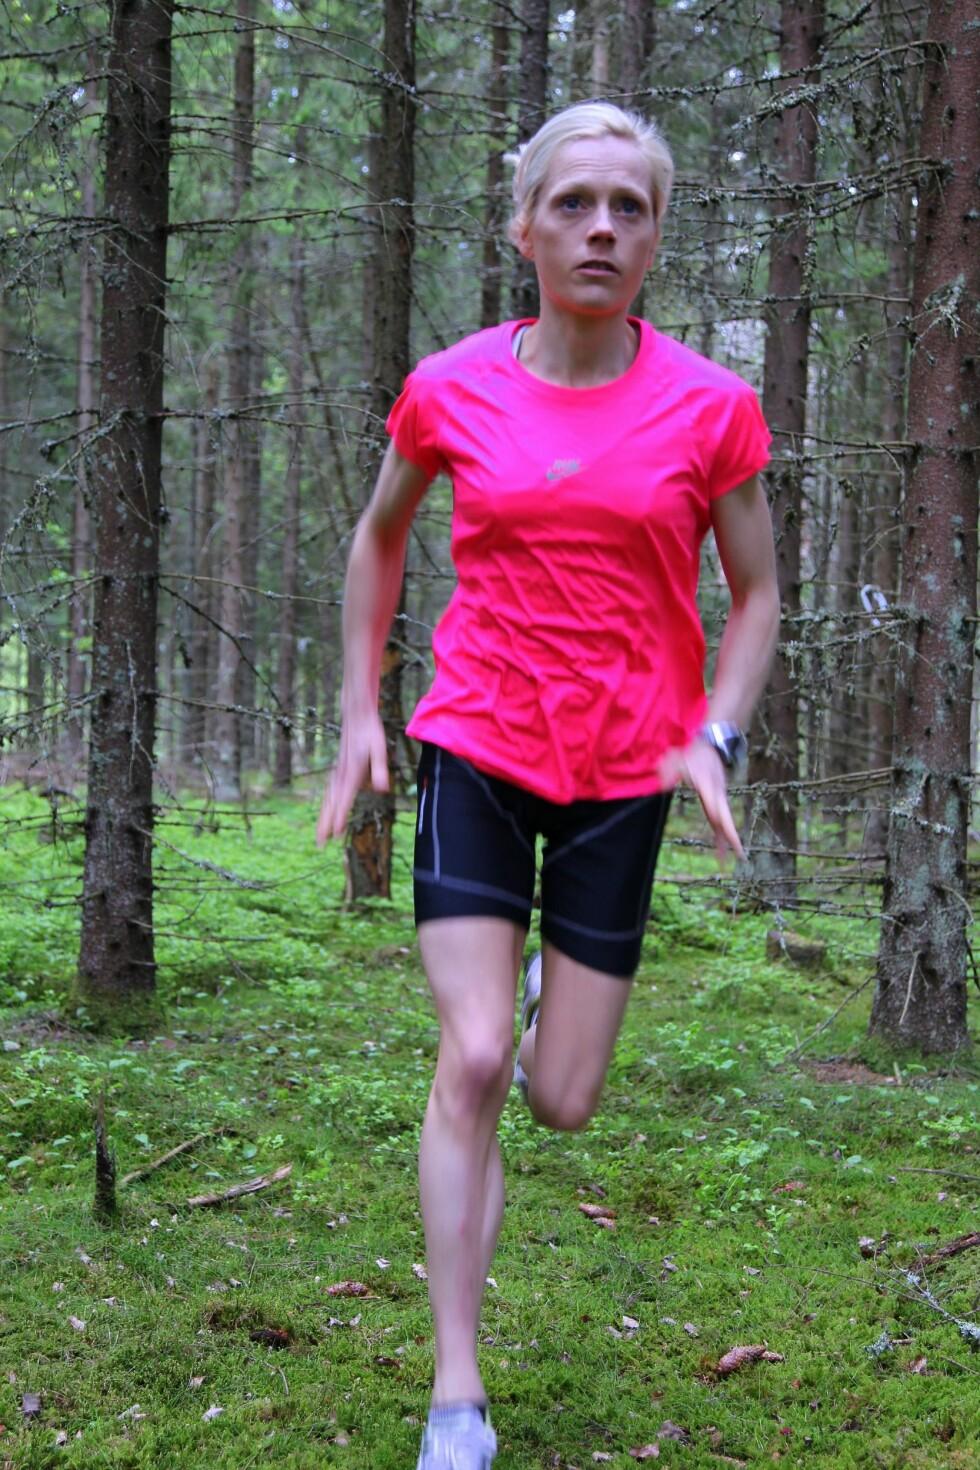 MISFORNØYD: – Jeg ble aldri fornøyd, uansett hvor tynn jeg ble, sier Kristin, som på det tynneste veide knappe 40 kilo.  Foto: Privat